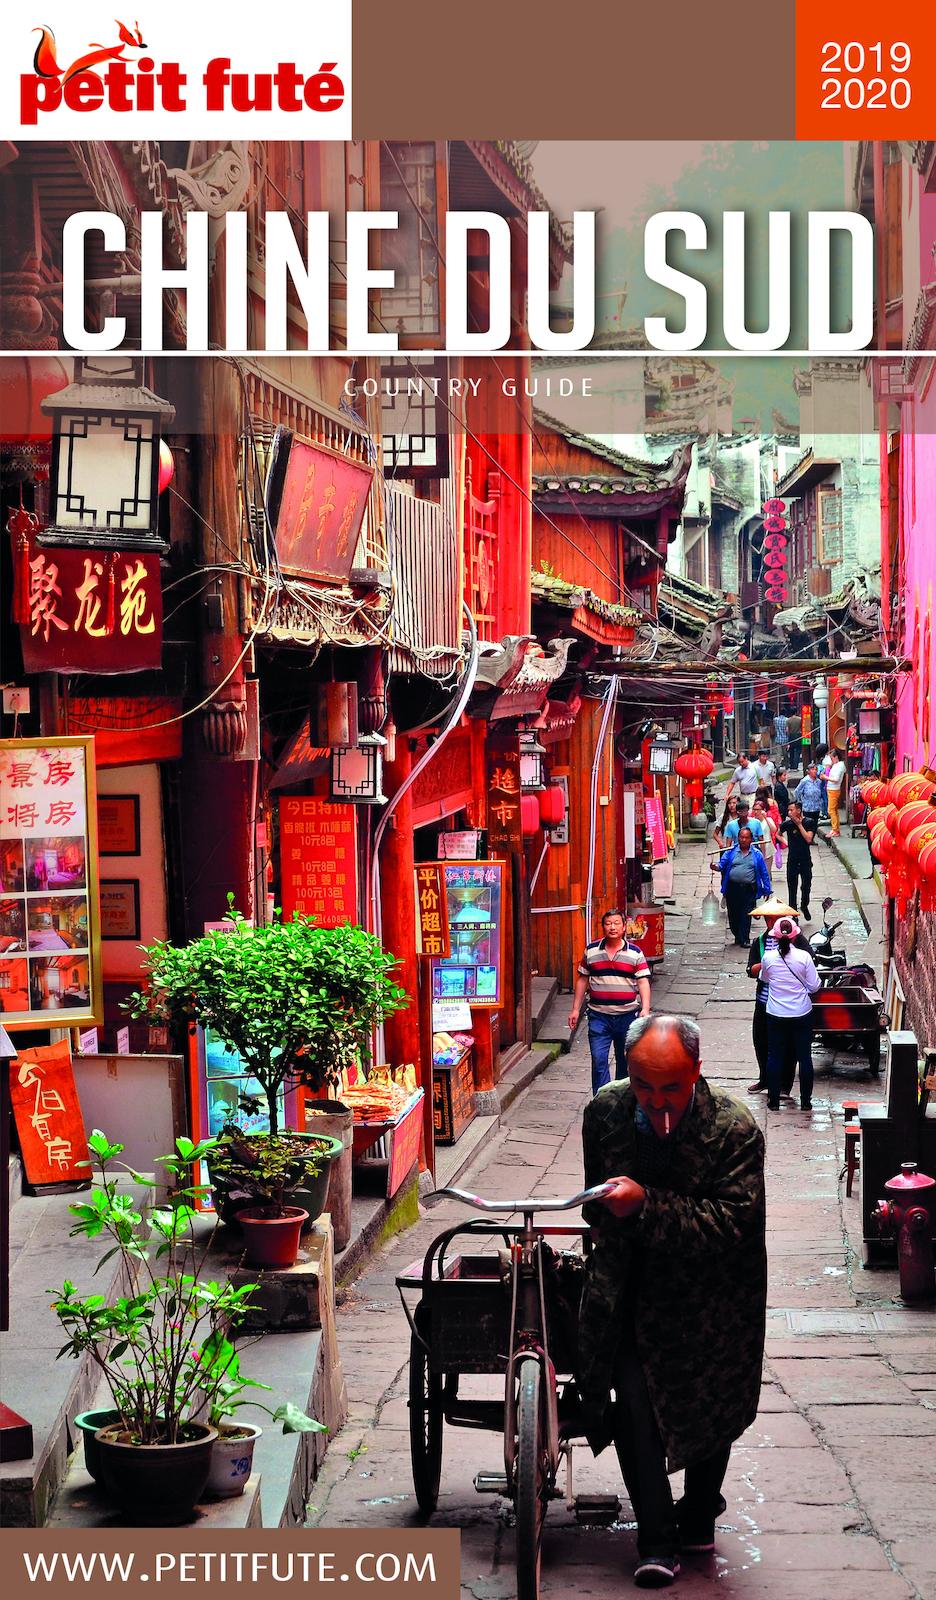 CHINE DU SUD 2019/2020 Petit Futé